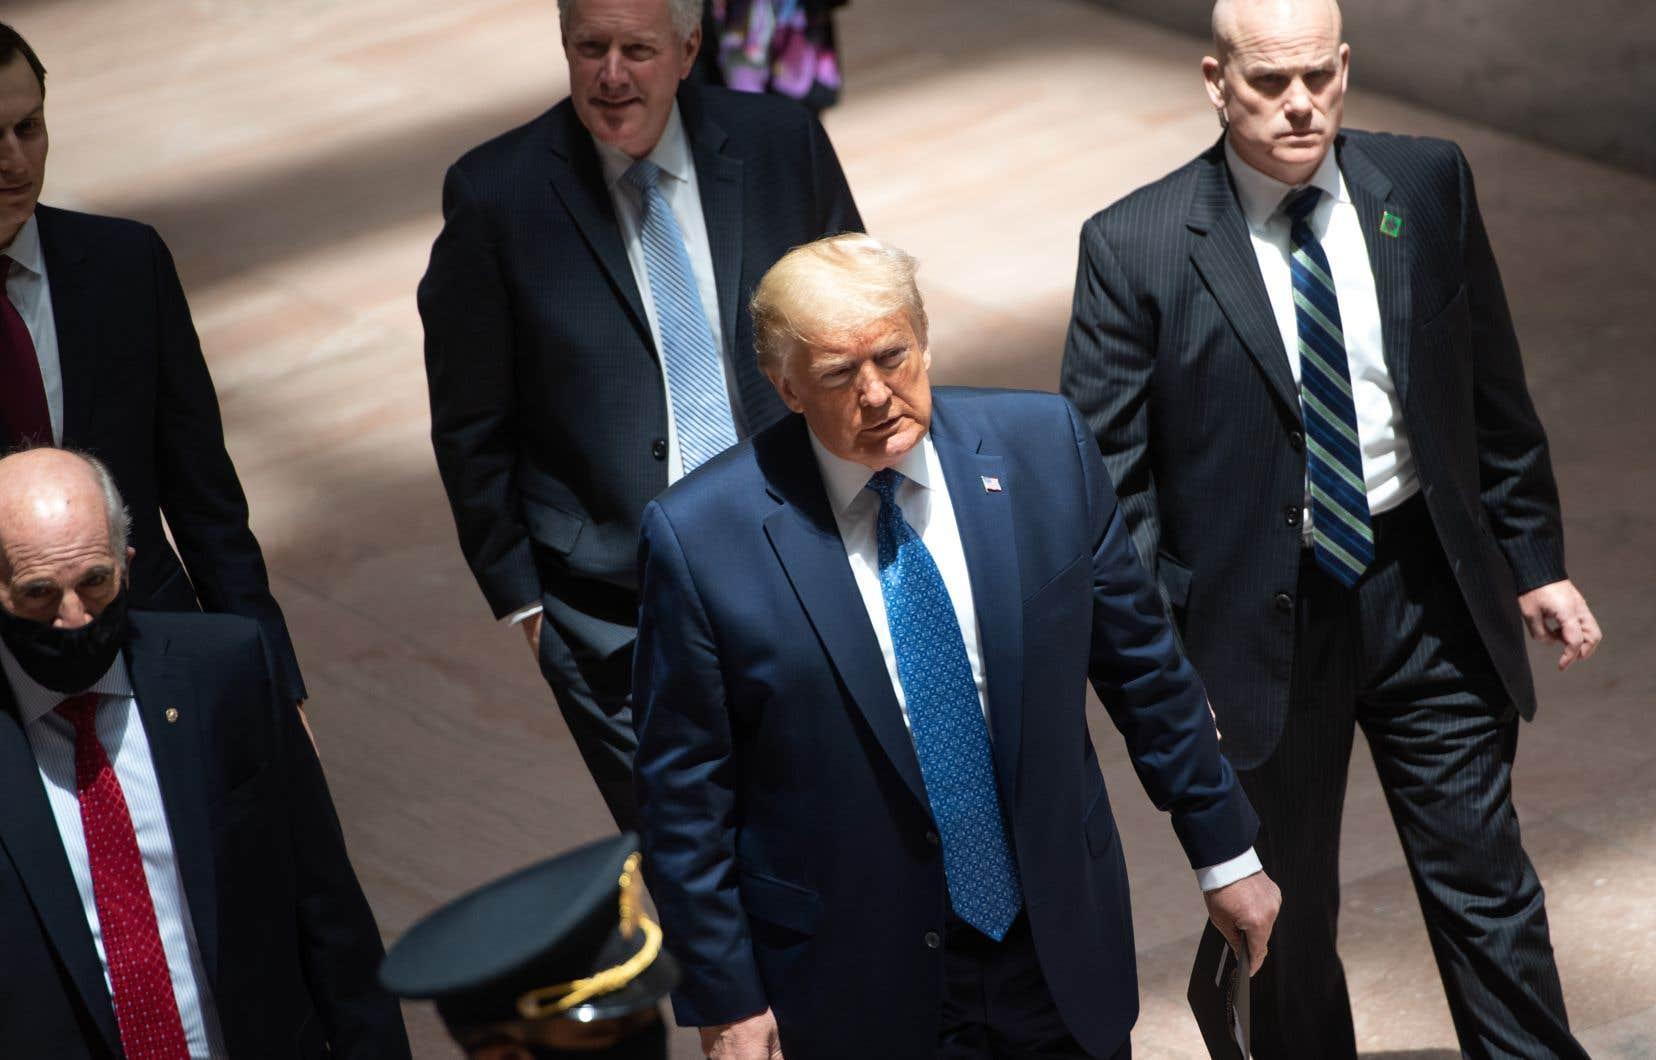 Donald Trumpa annoncé lundi, à la stupéfaction générale, qu'il prenait de l'hydroxychloroquine, malgrè les avertissements des scientifiques.